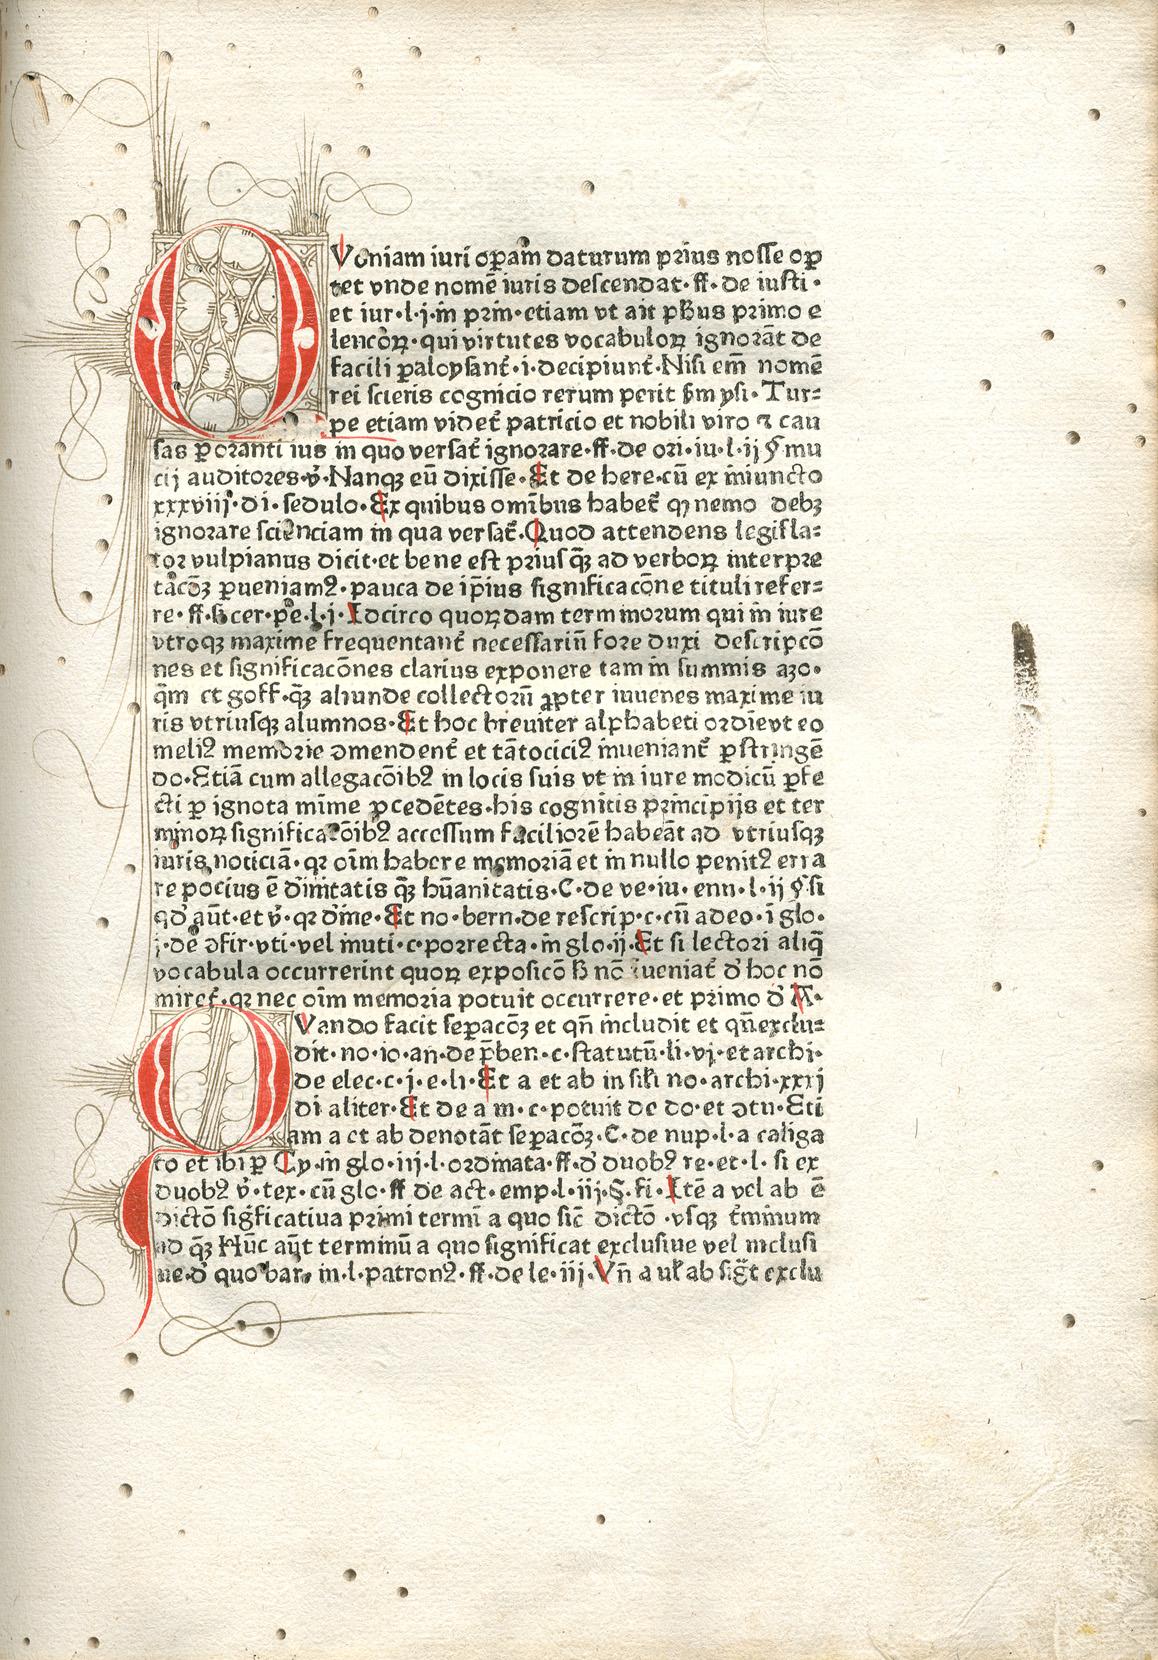 1476 Vocabularius